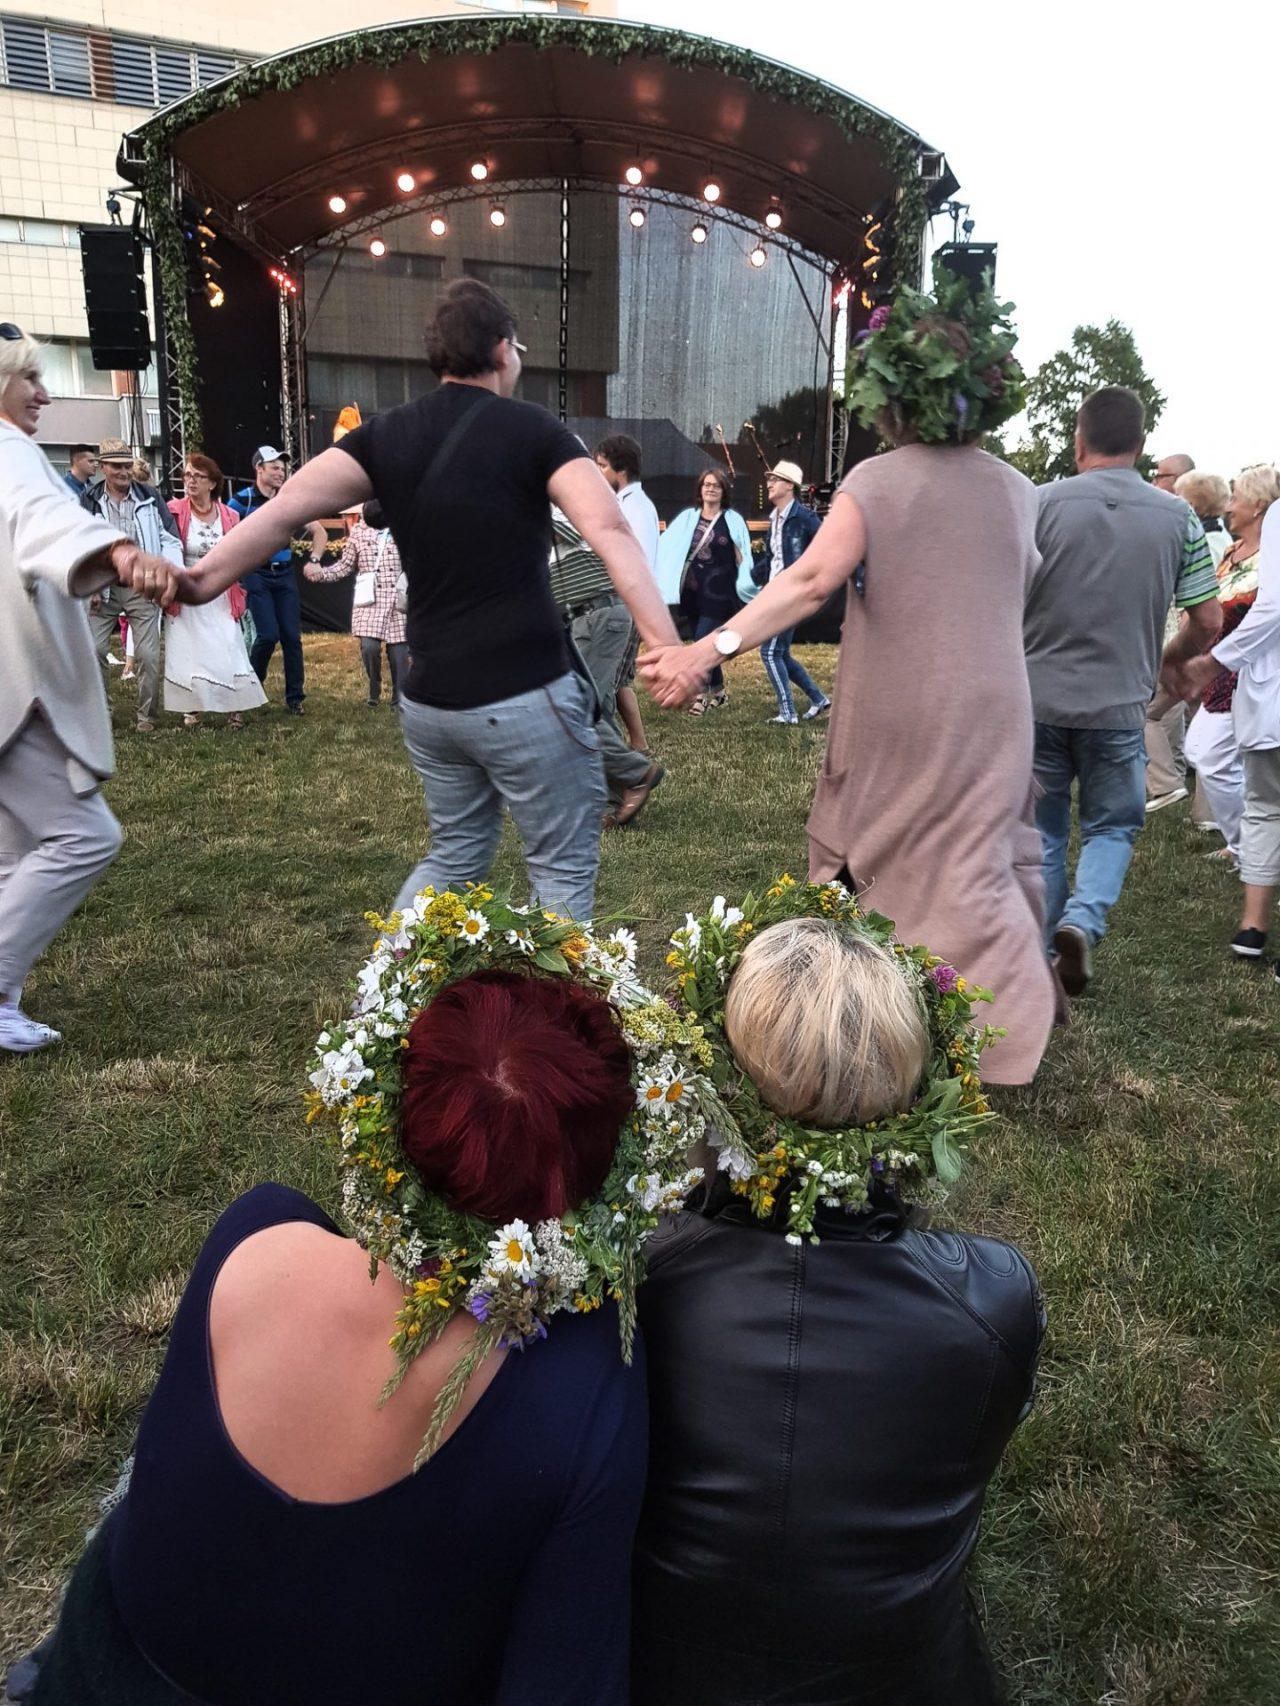 lituanie-klaipeda-fete-saint-jean-jonai-danses-couronnes-fleurs